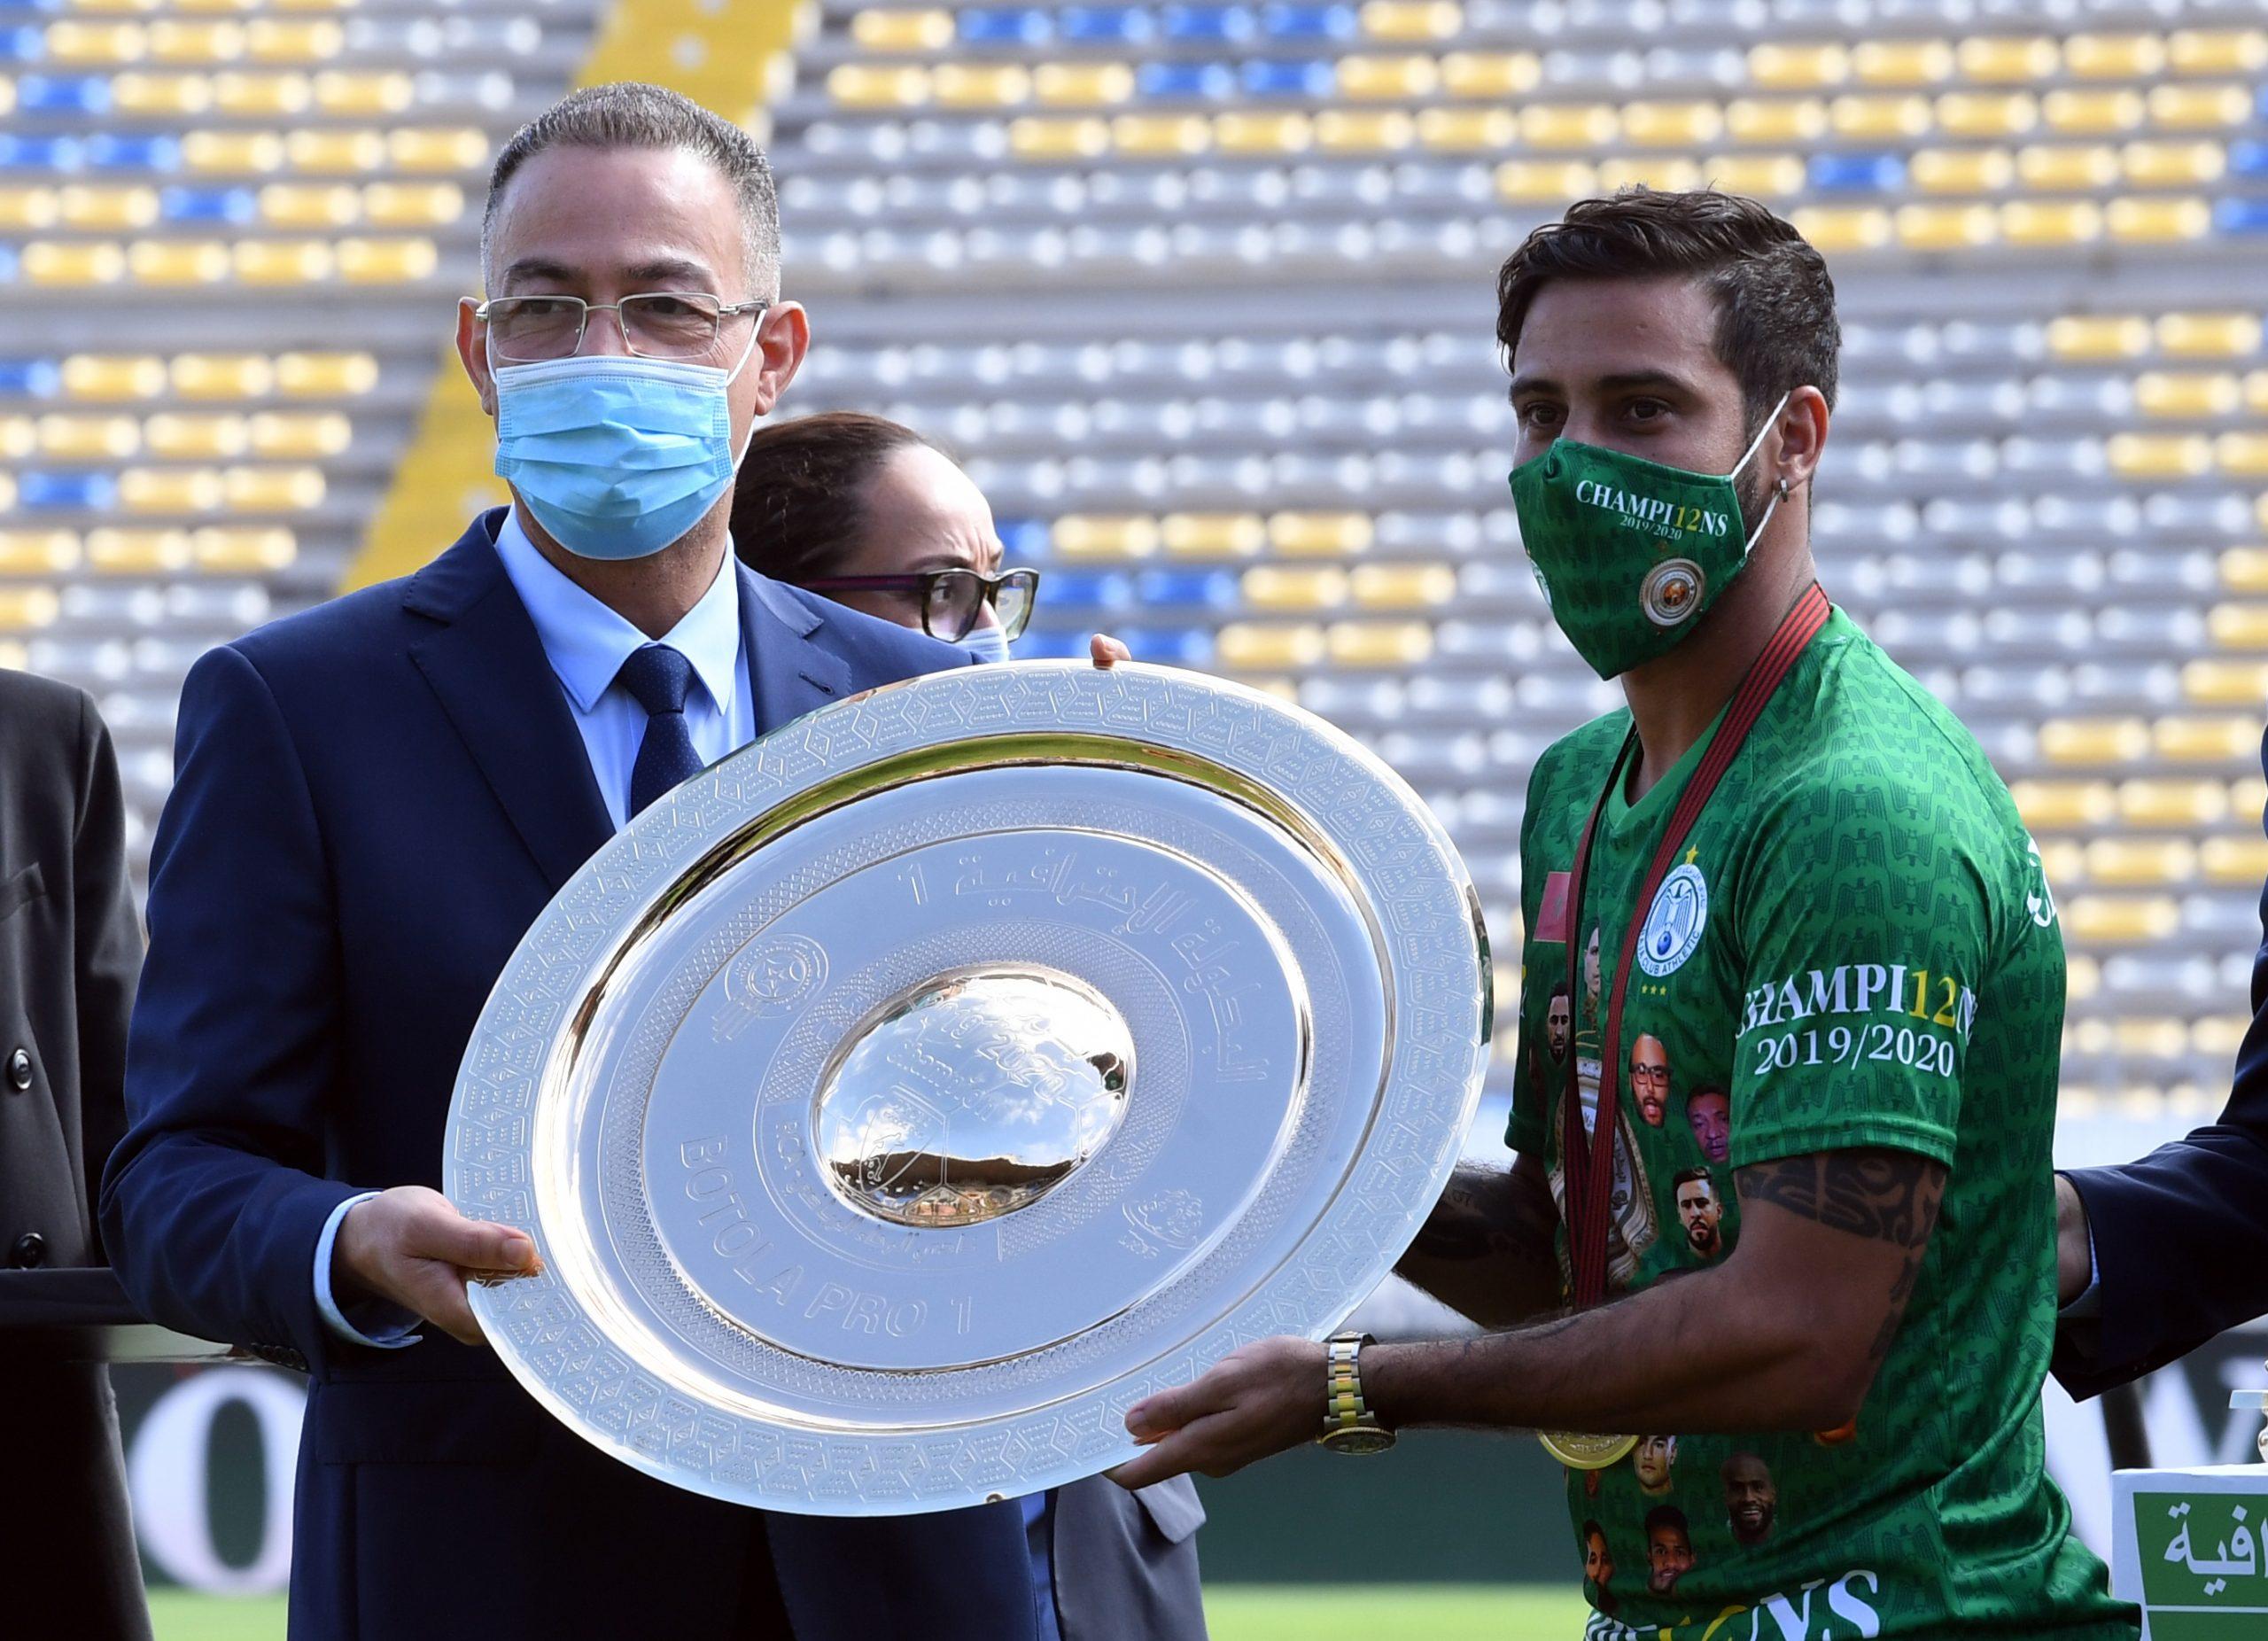 بغياب رئيس العصبة الناصيري، متولي يرفع درع البطولة في مراسم تتويج الرجاء باللقب